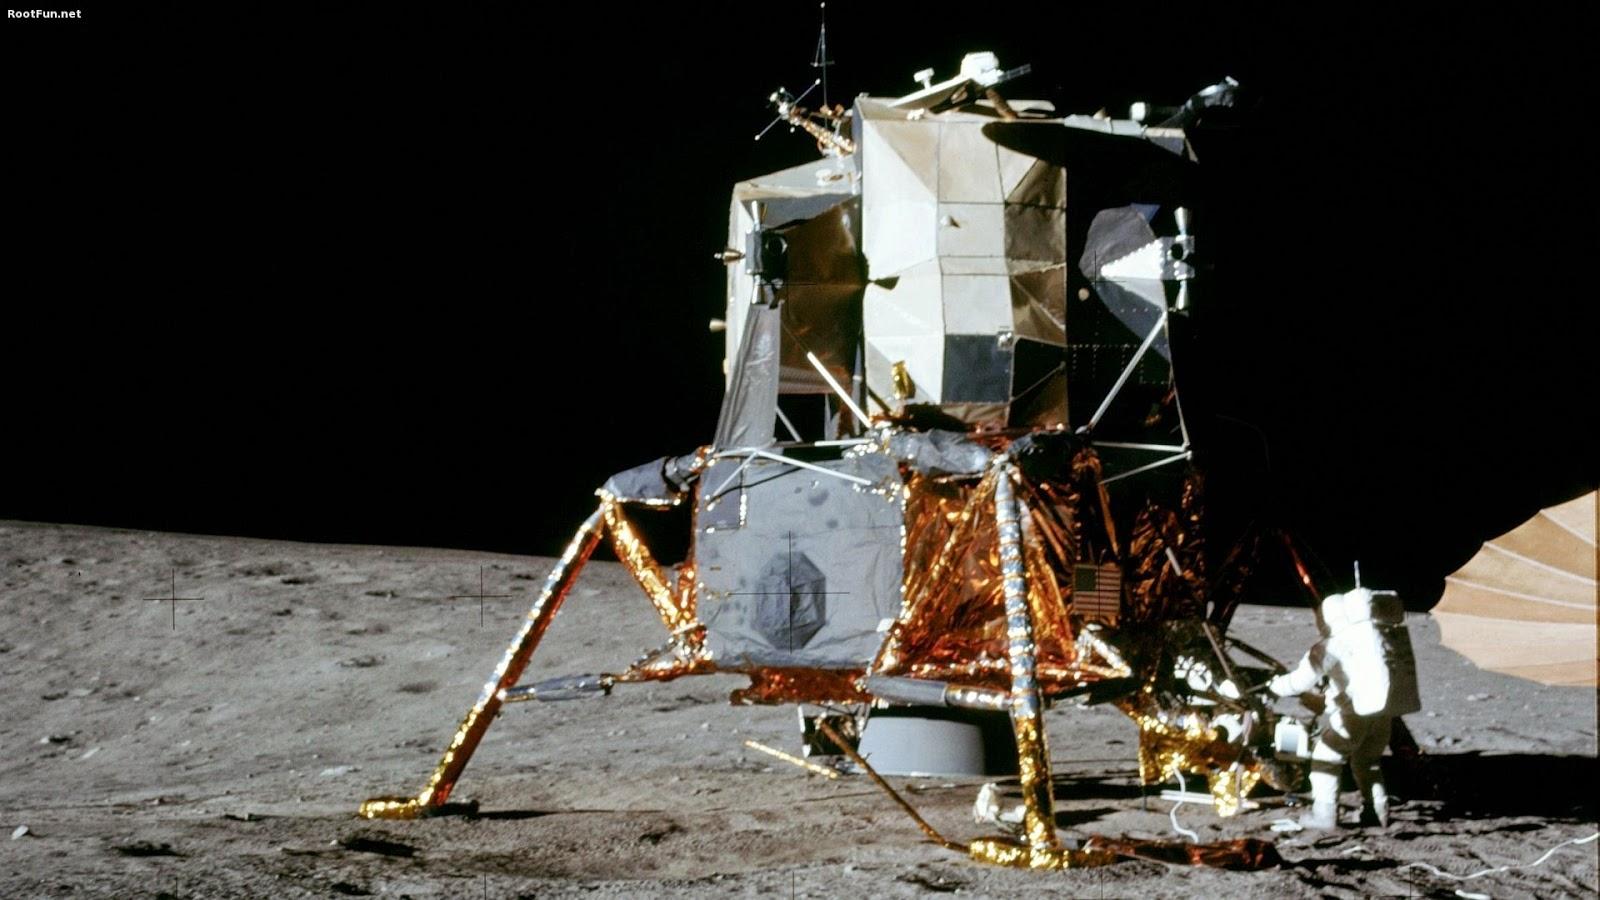 apollo lunar lander instruments - photo #15